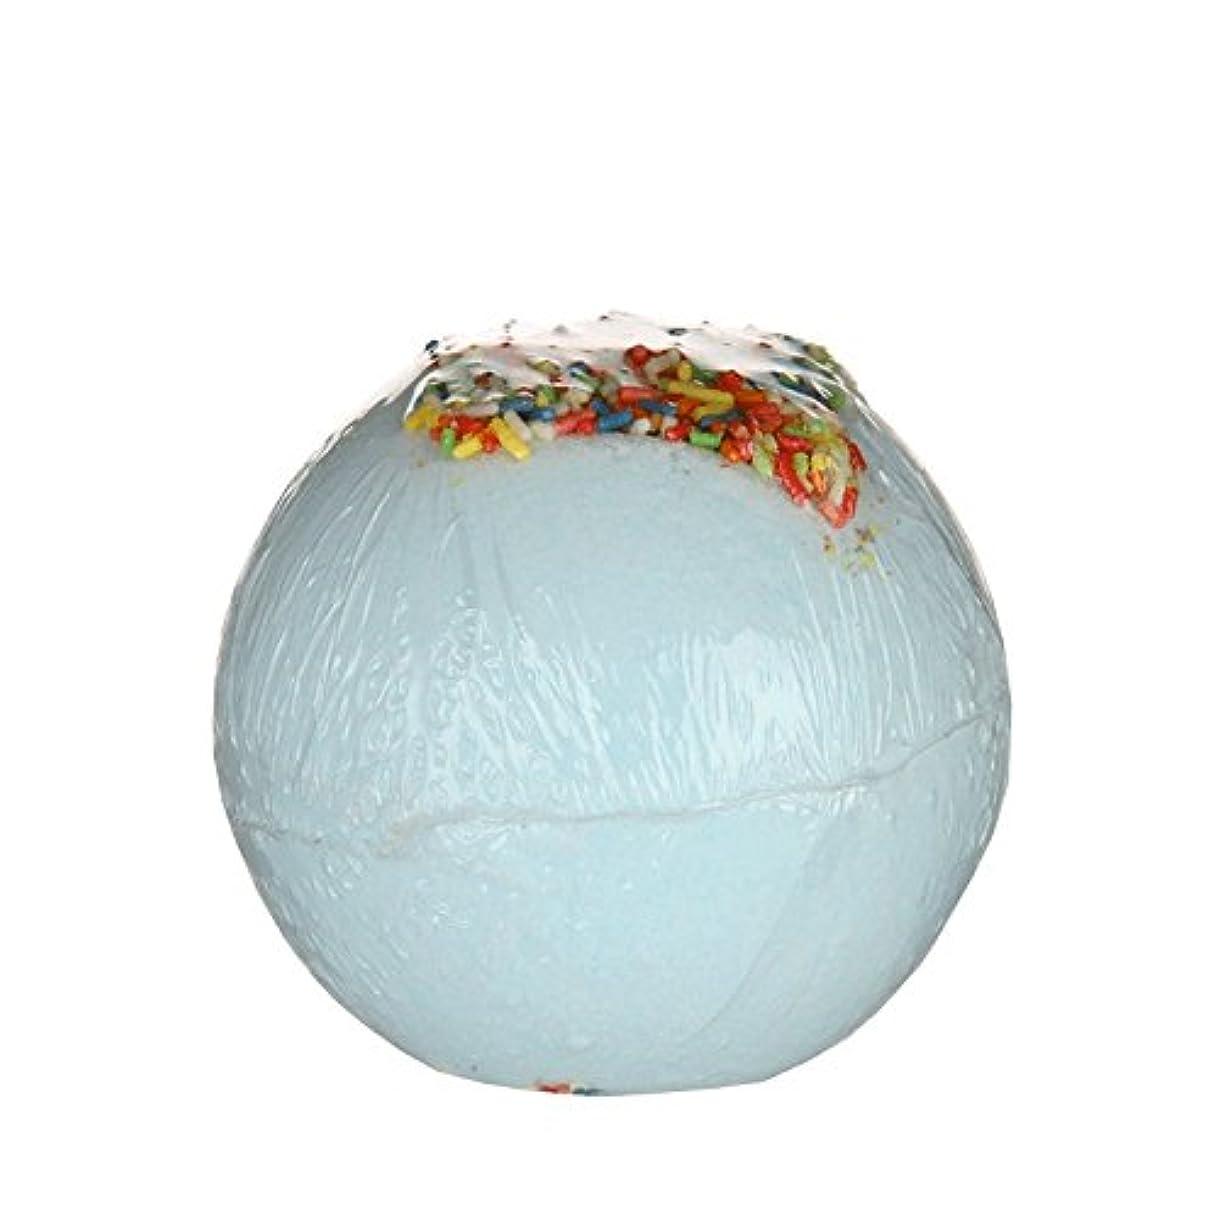 より平らな一晩葉を拾うTreetsバスボールディスコバス170グラム - Treets Bath Ball Disco Bath 170g (Treets) [並行輸入品]